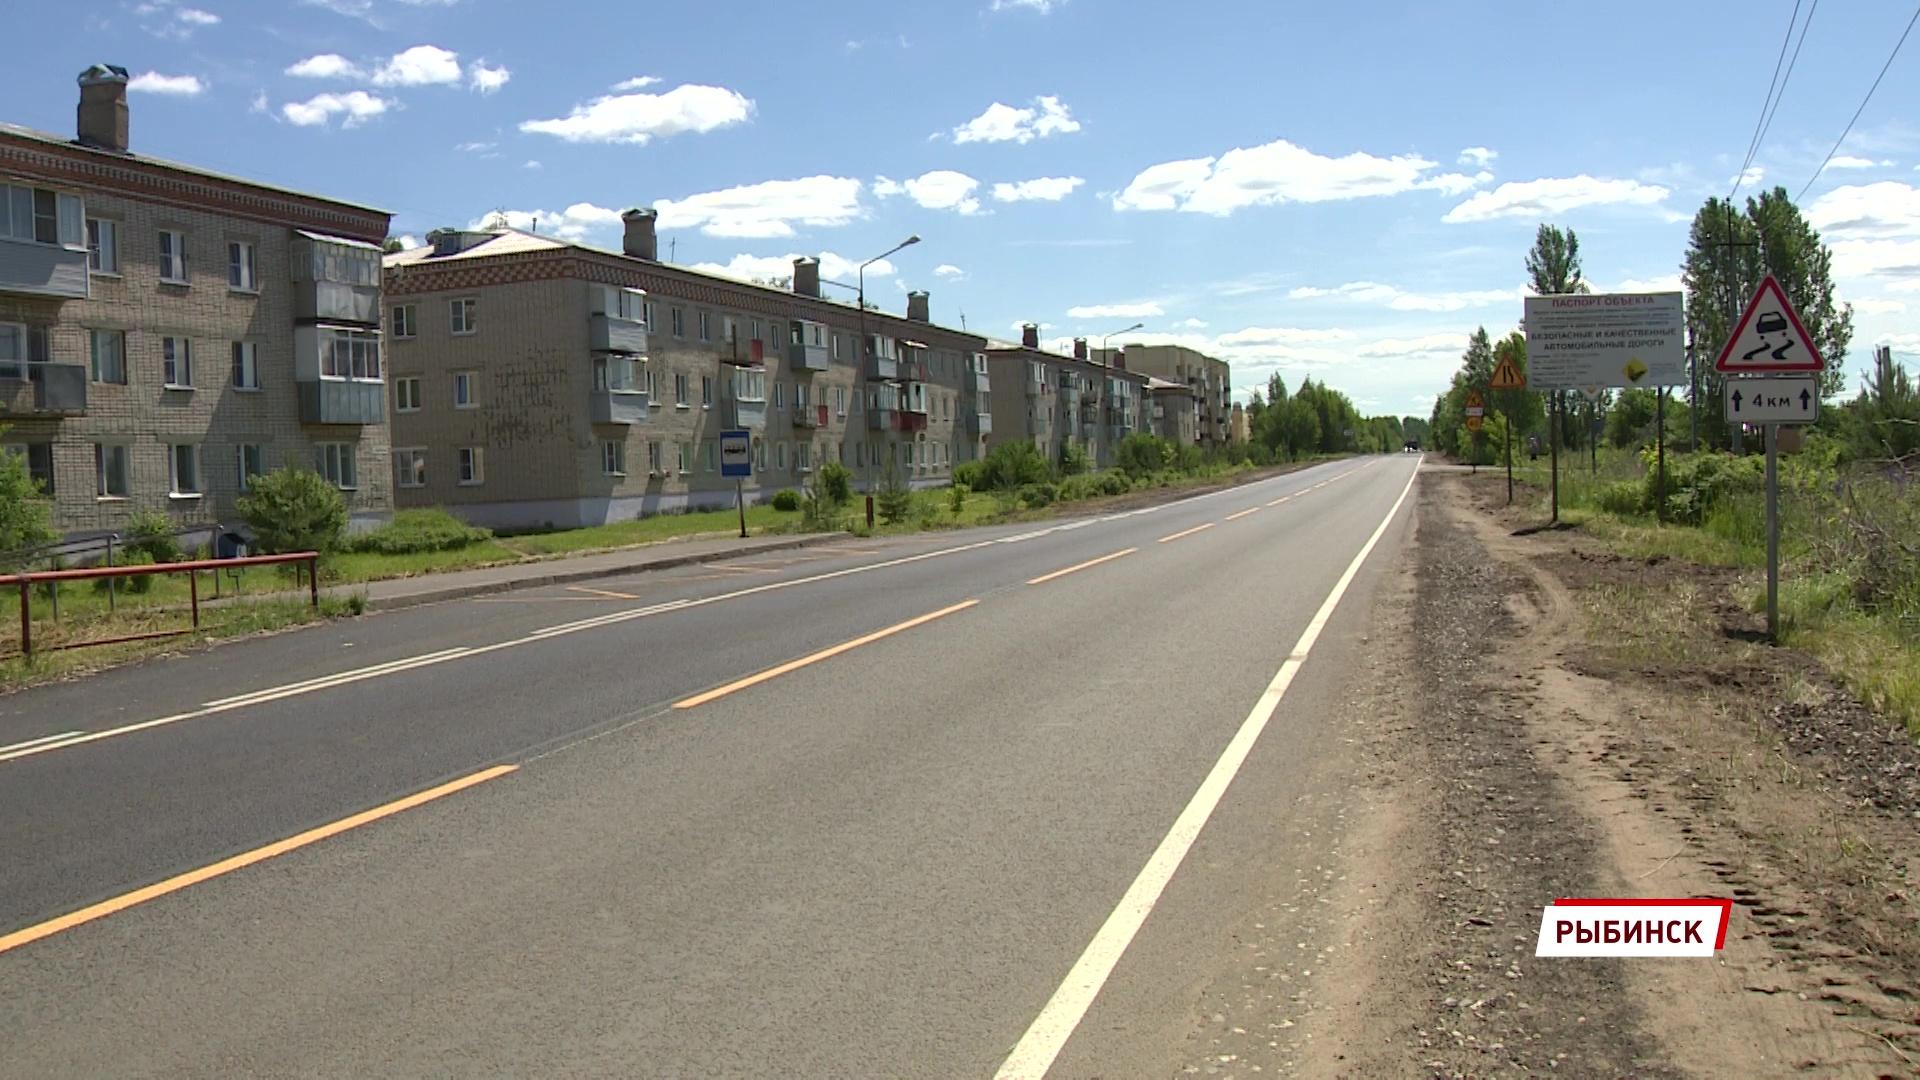 Дорогу Переборы – Судоверфь в Рыбинске отремонтировали за месяц